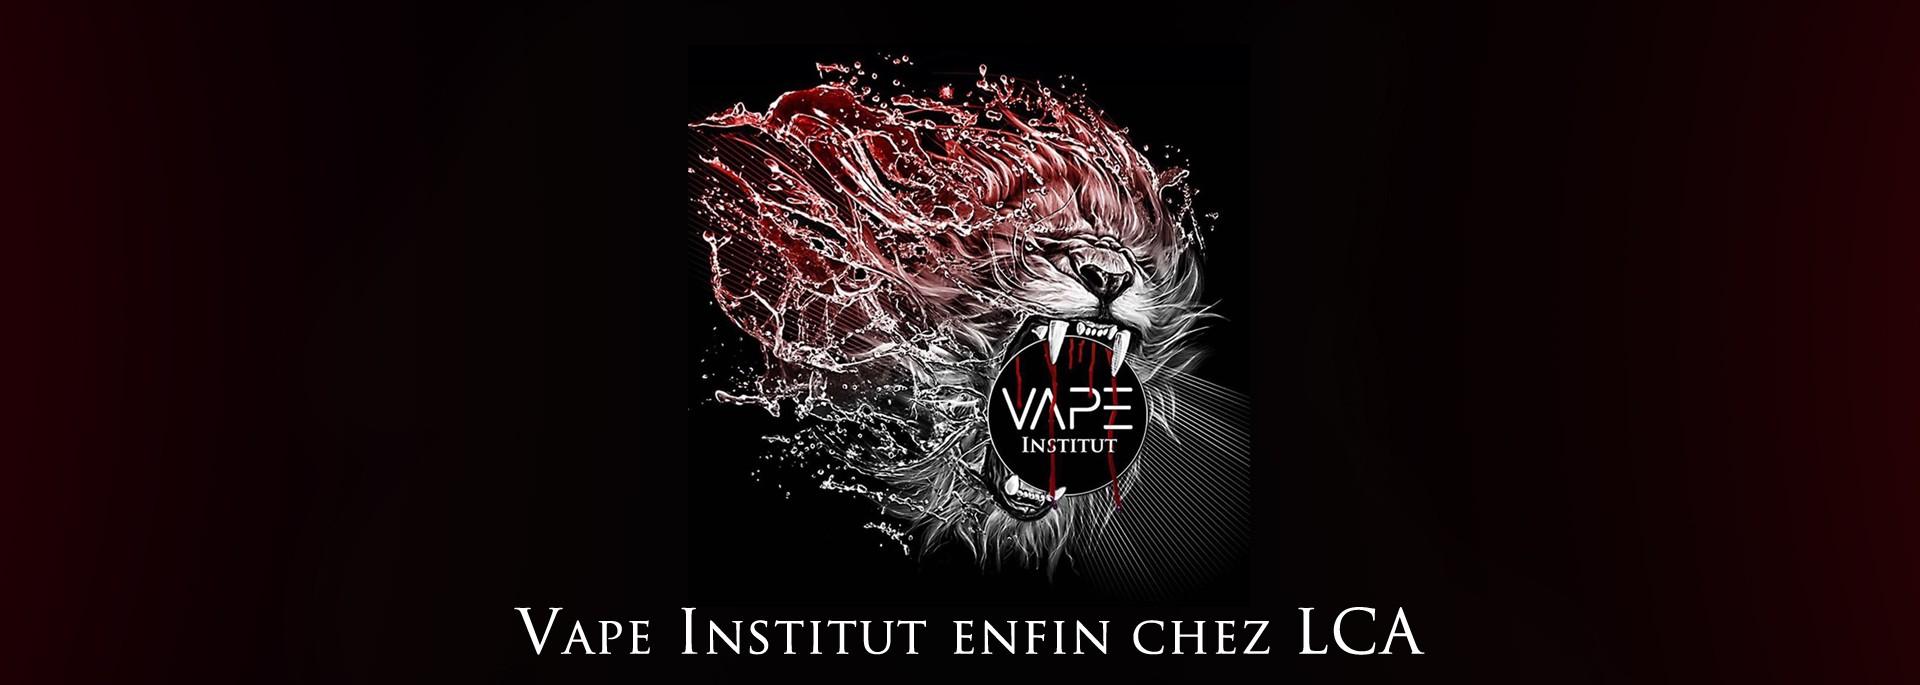 Vape Institut enfin chez LCA !!!